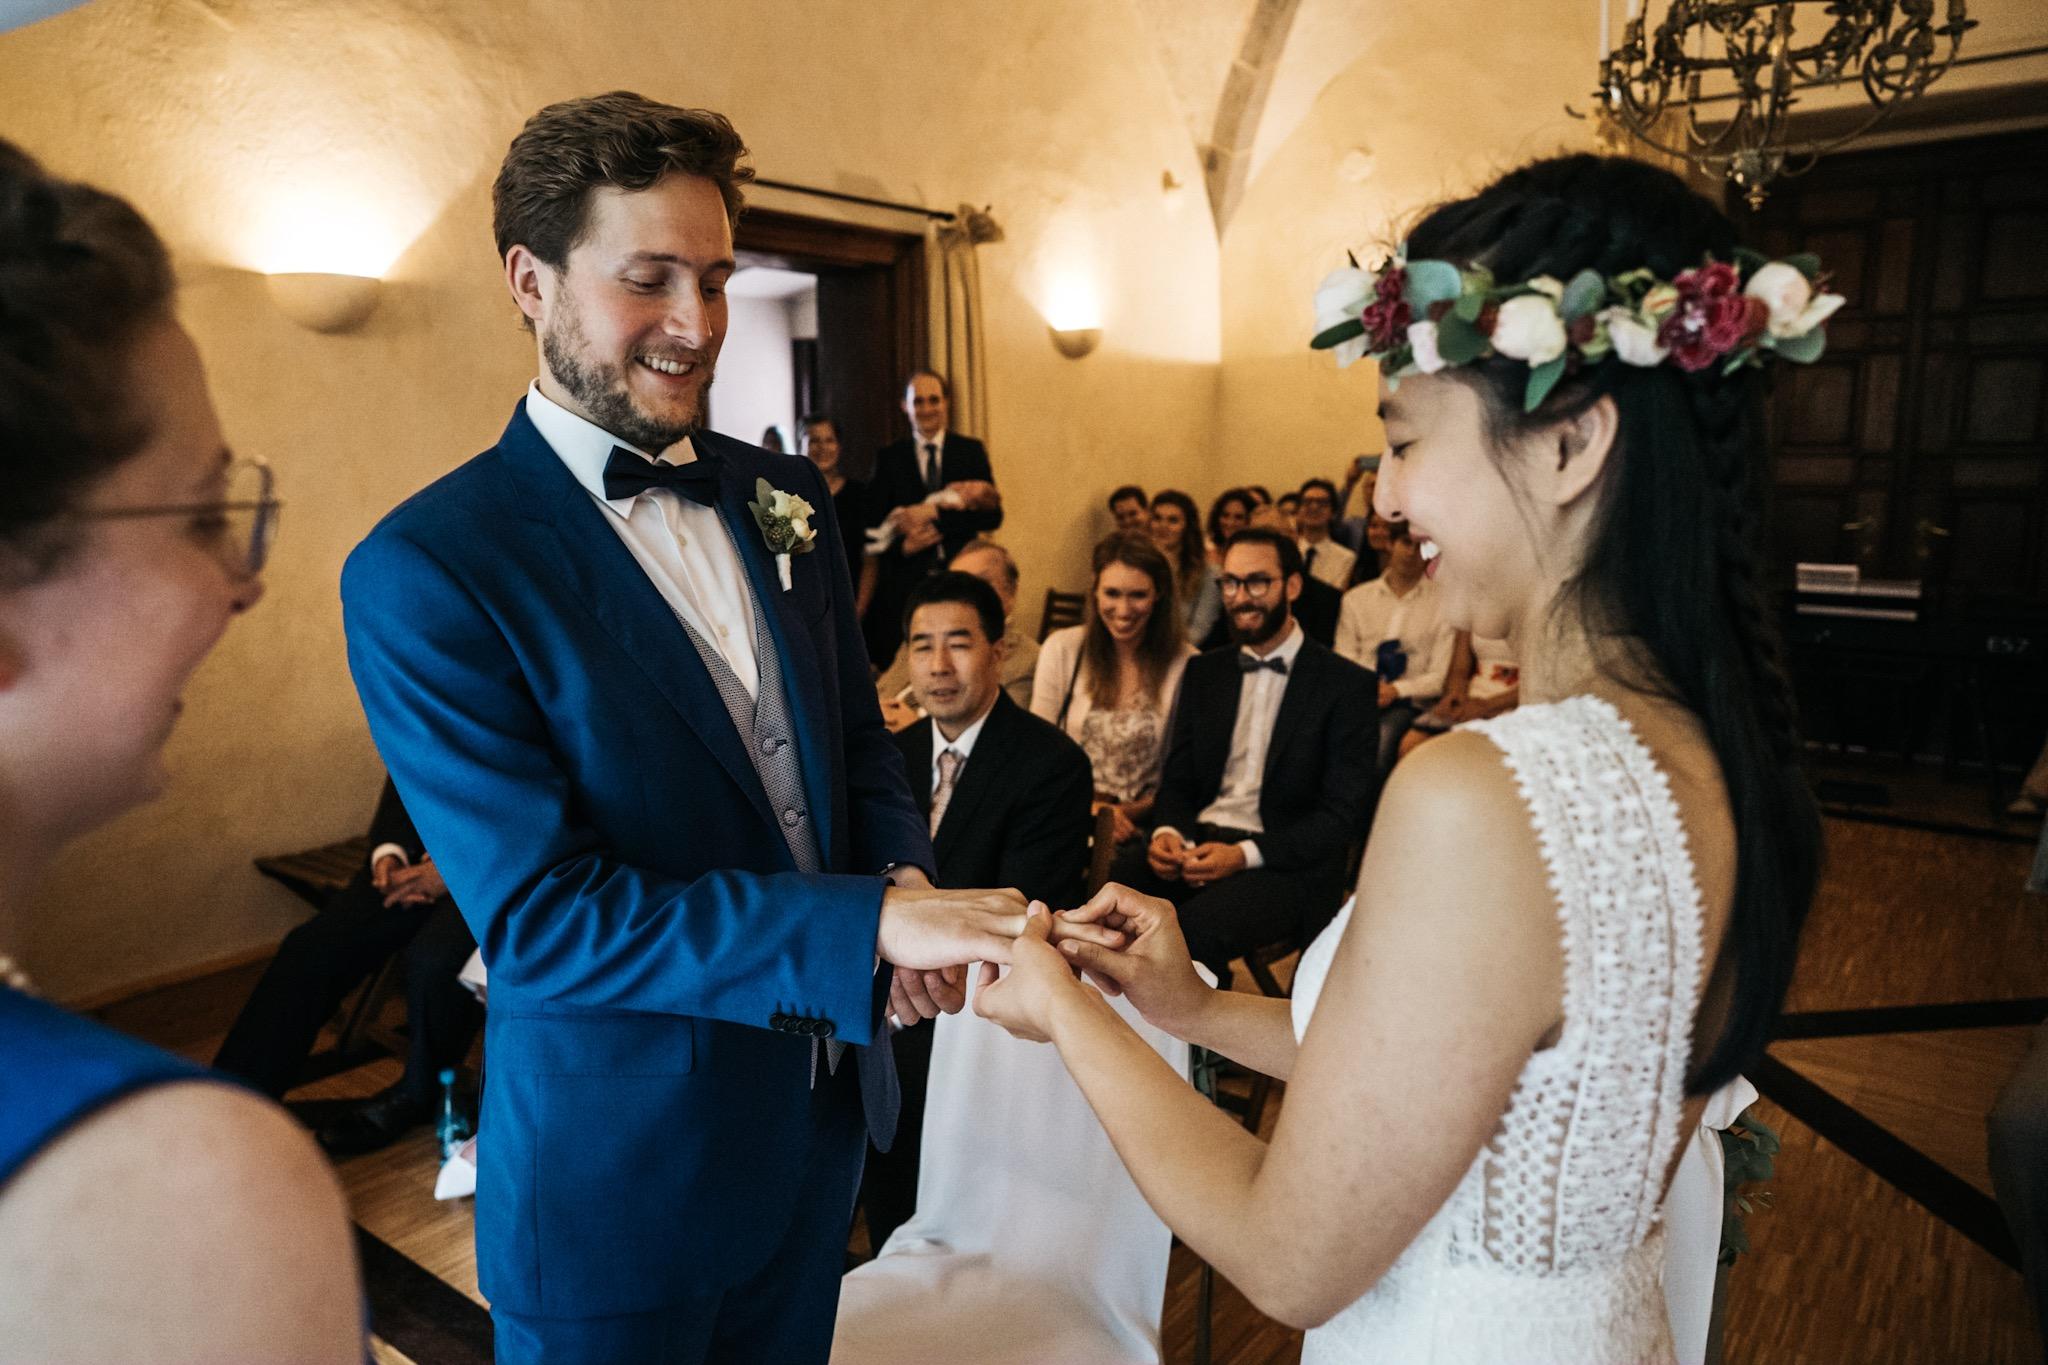 2F3A3BF7 5BC0 4051 9B99 9ADF5AC49144 - Hochzeit auf der Mittelburg